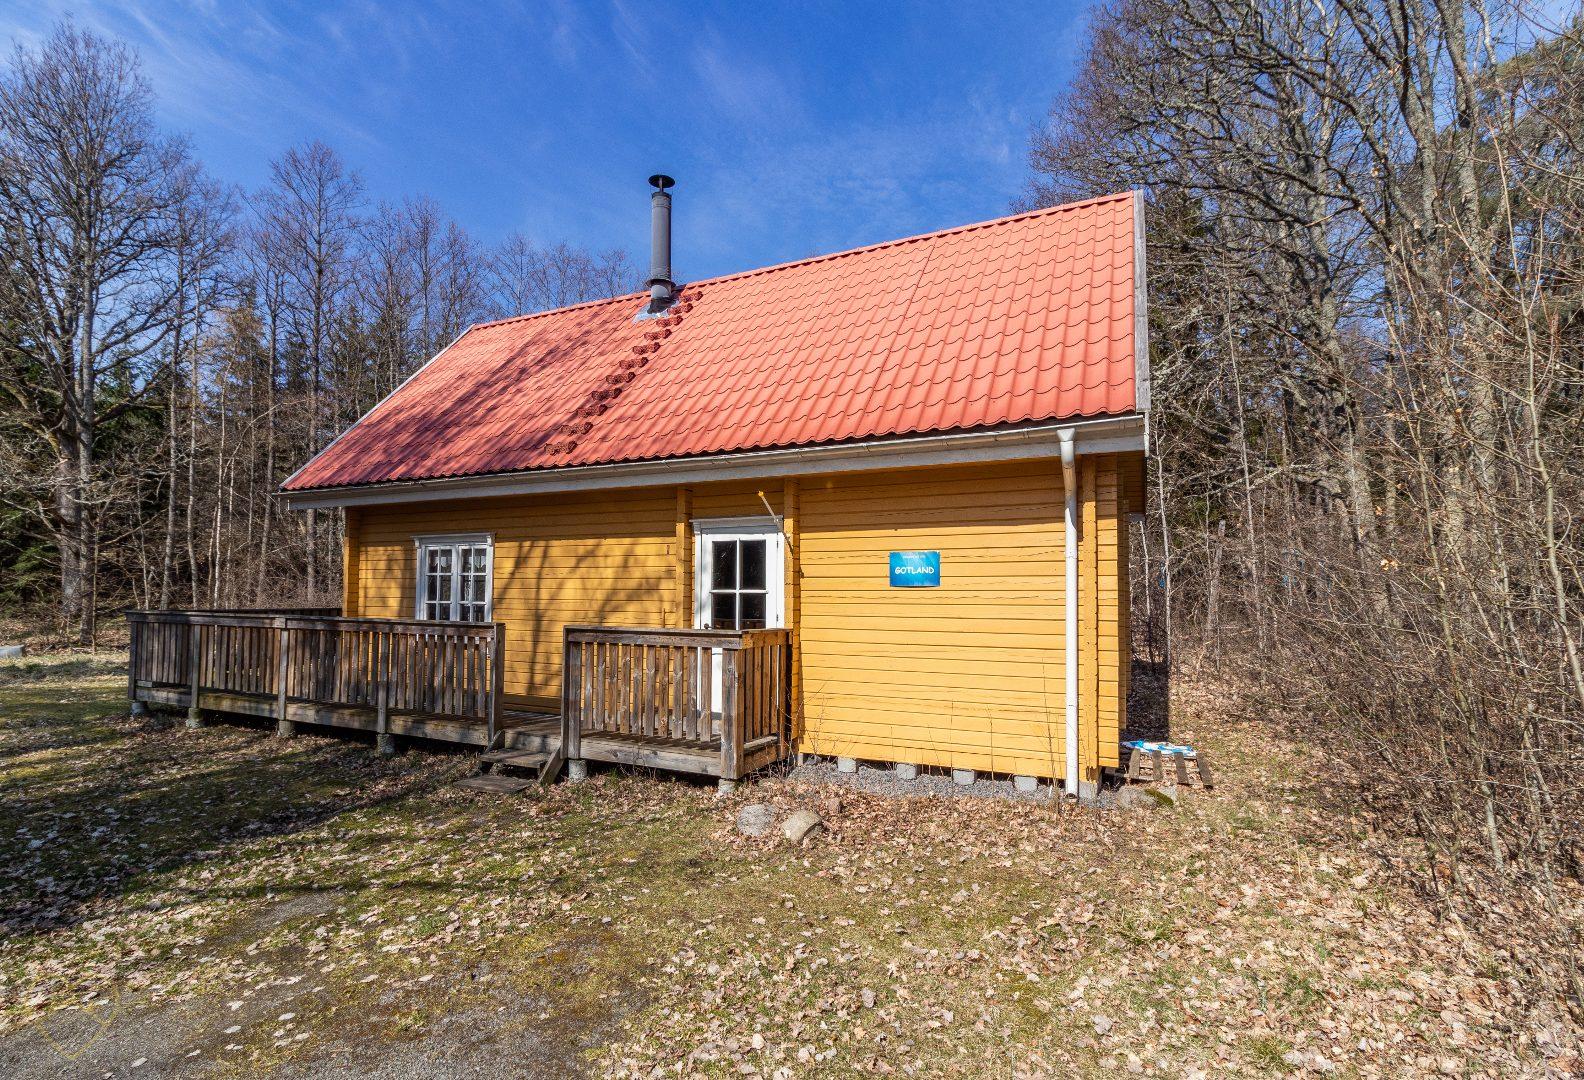 FerienhausGotland-10